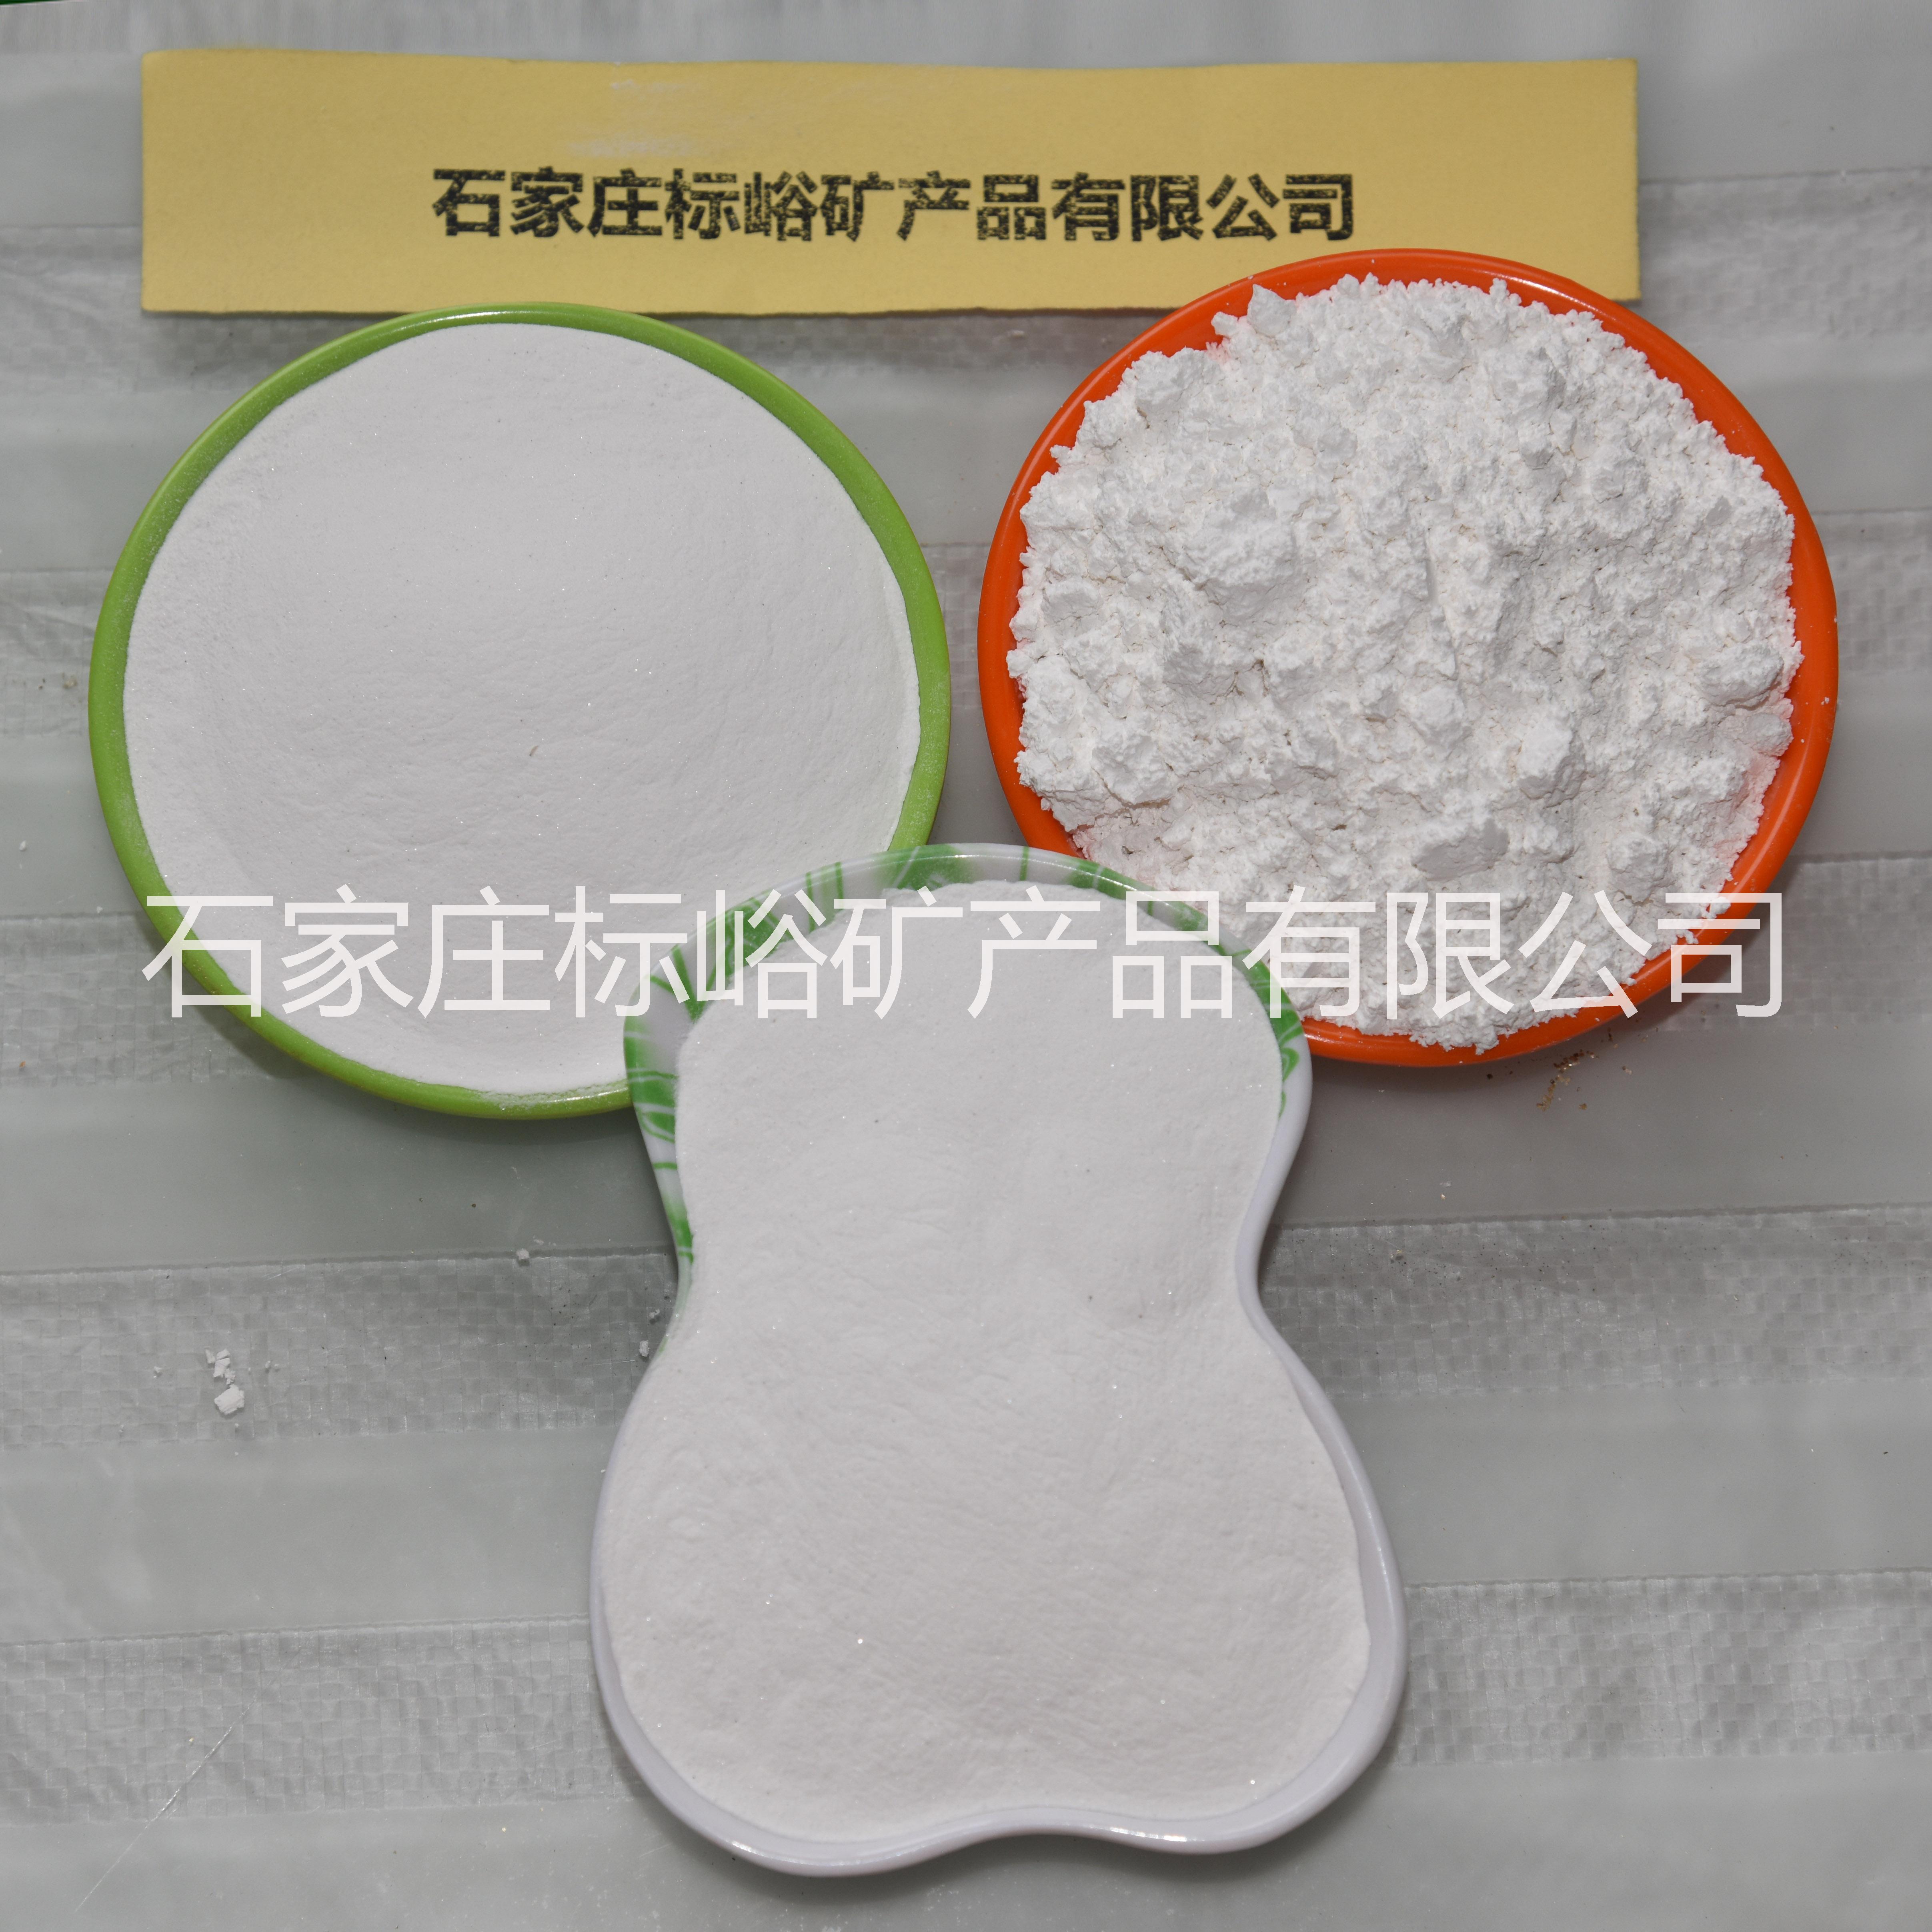 直销汗蒸房保健用远红外陶瓷粉 5-7释放量 物美价优 保健用陶瓷粉